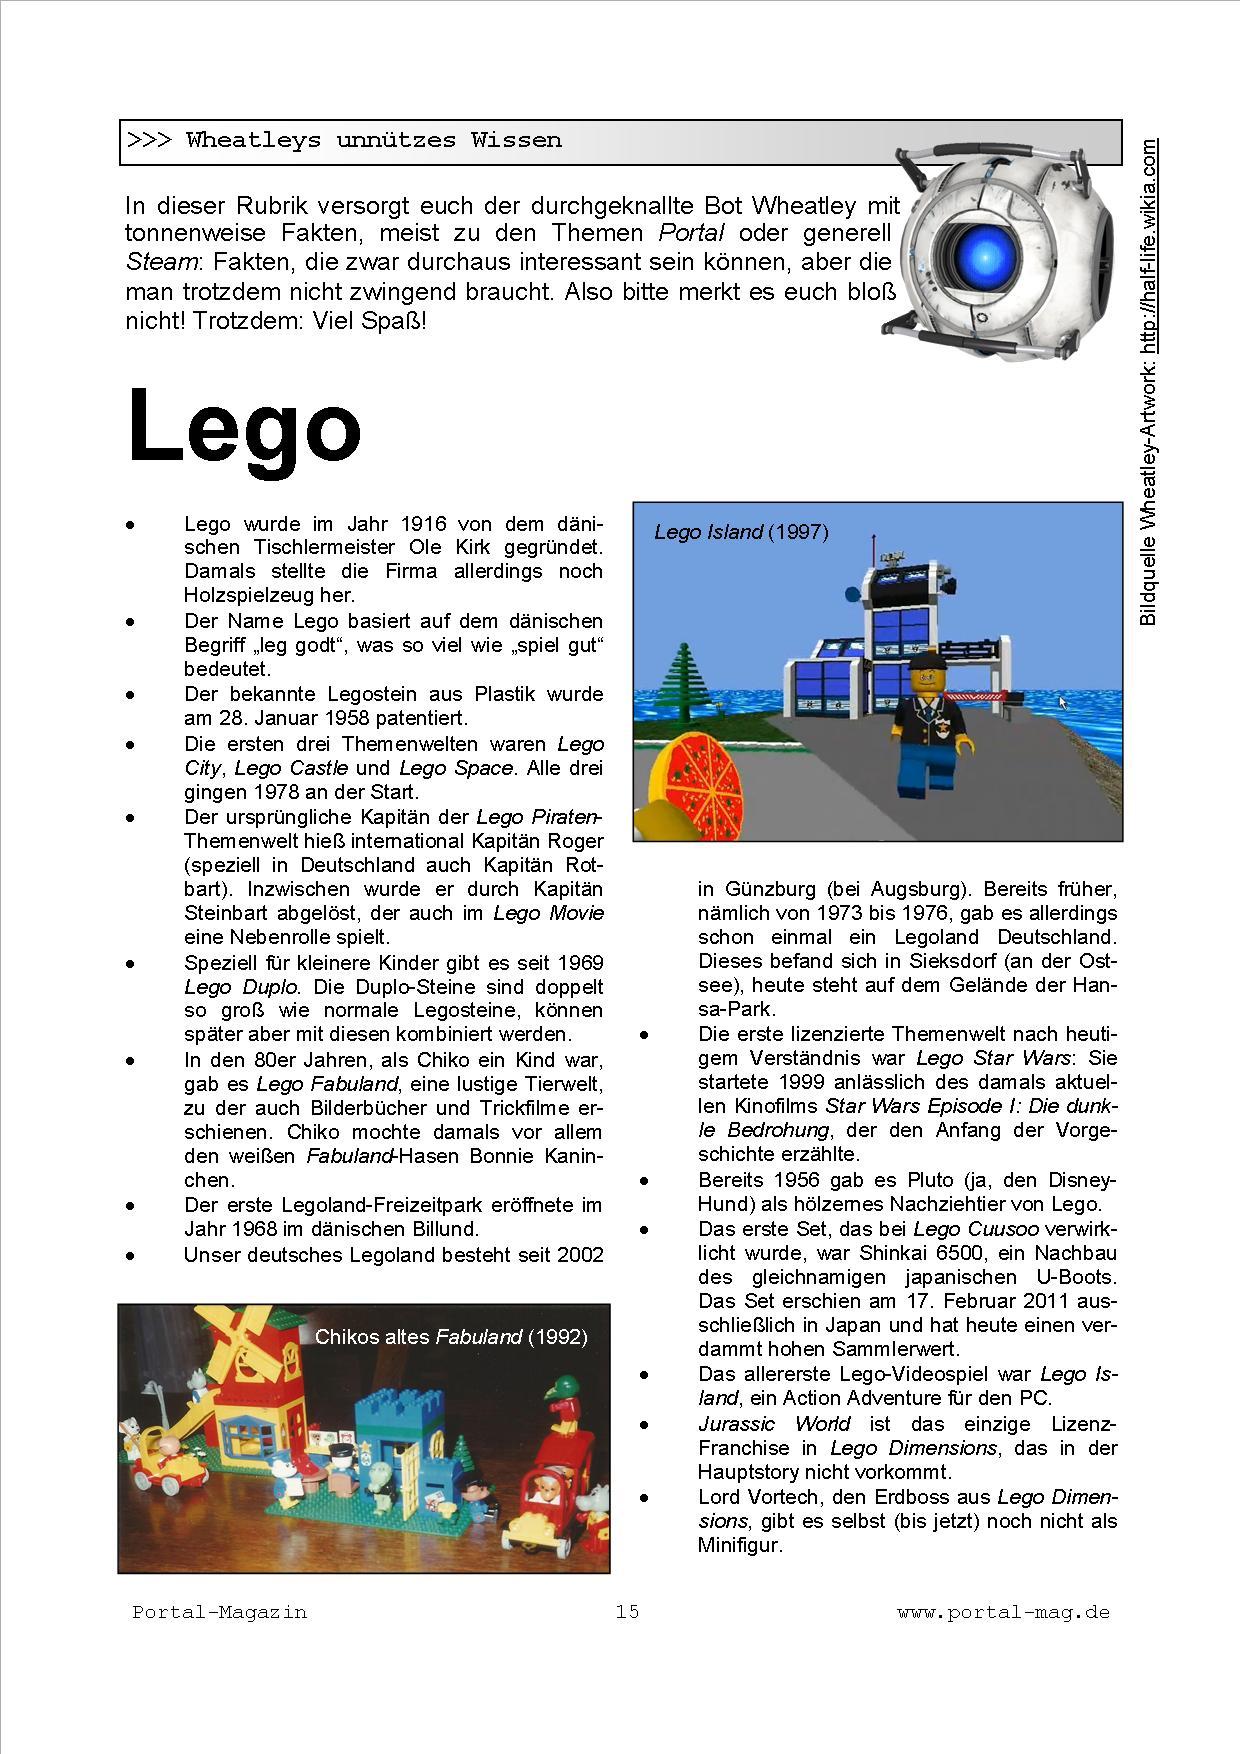 Ausgabe 32, Seite 15